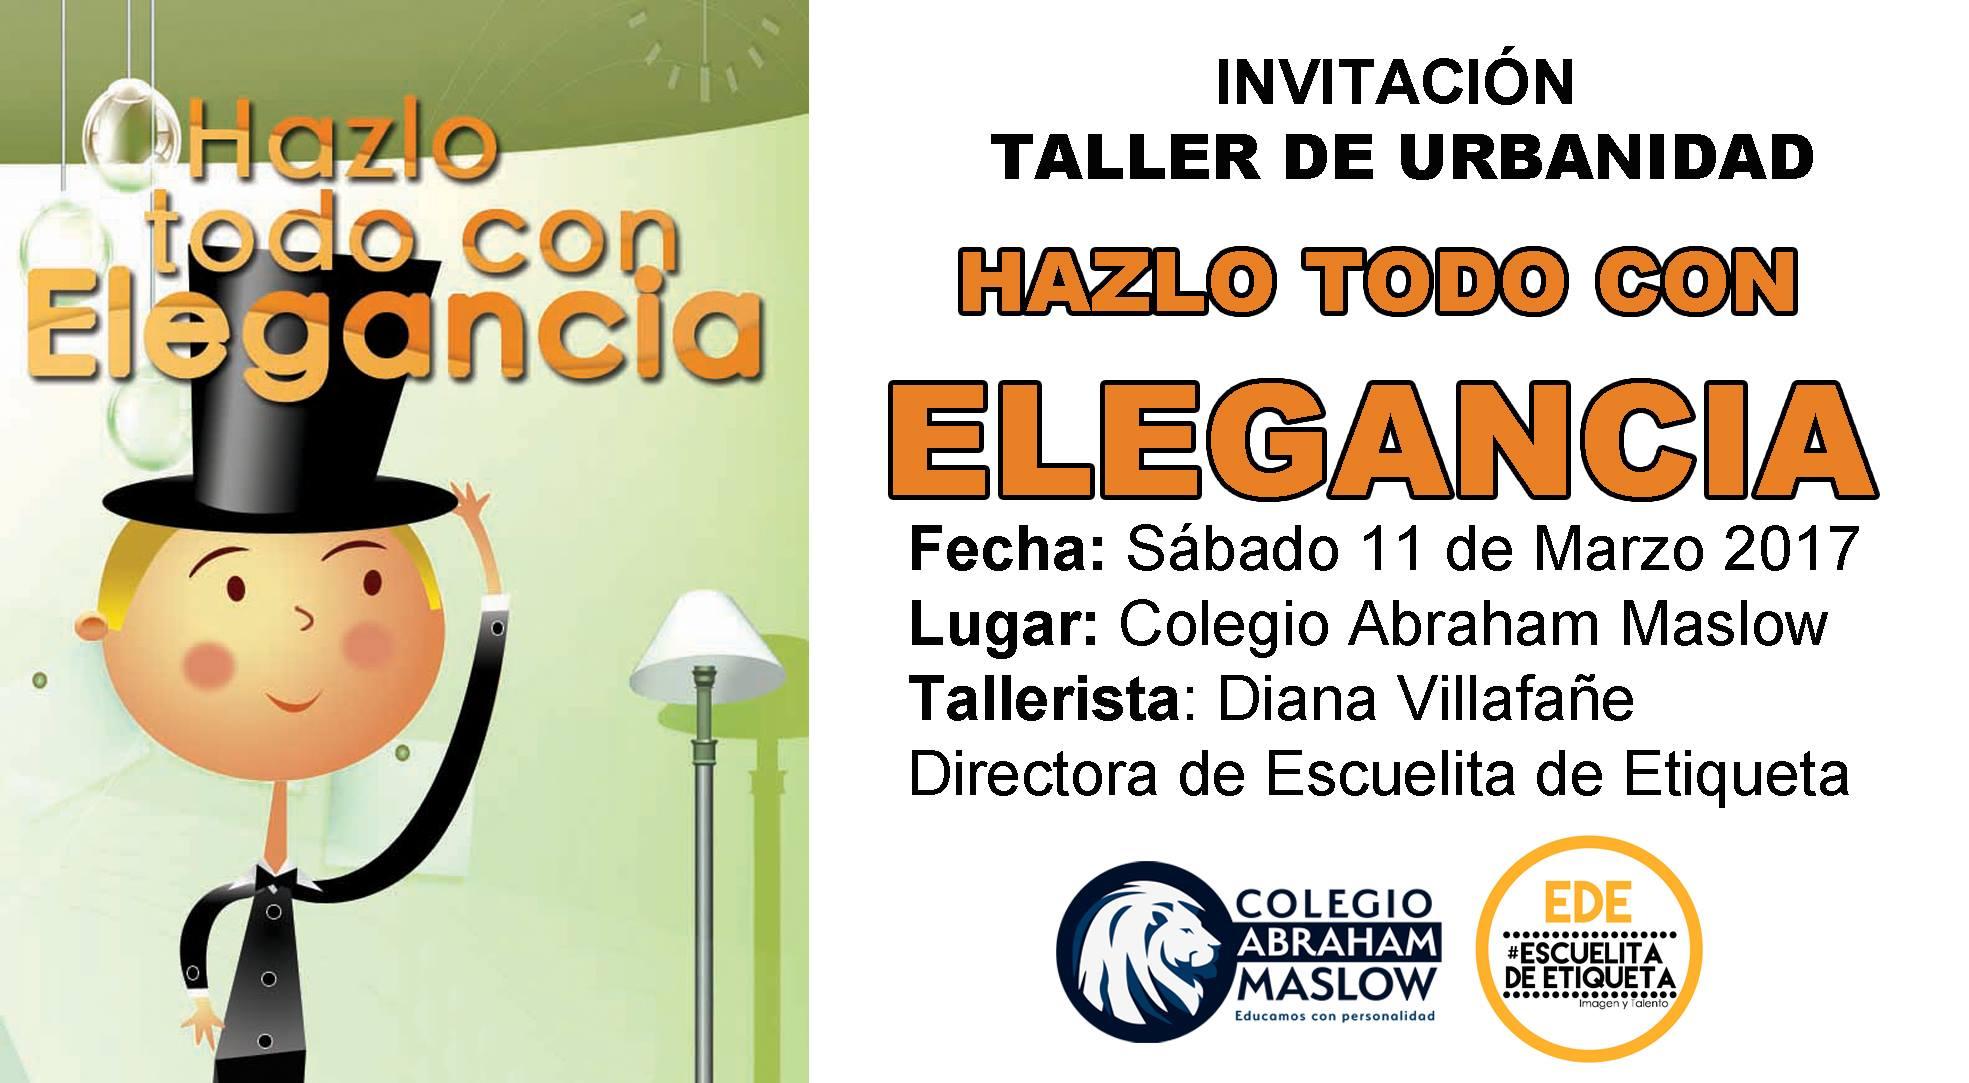 Taller: HÁZLO TODO CON ELEGANCIA